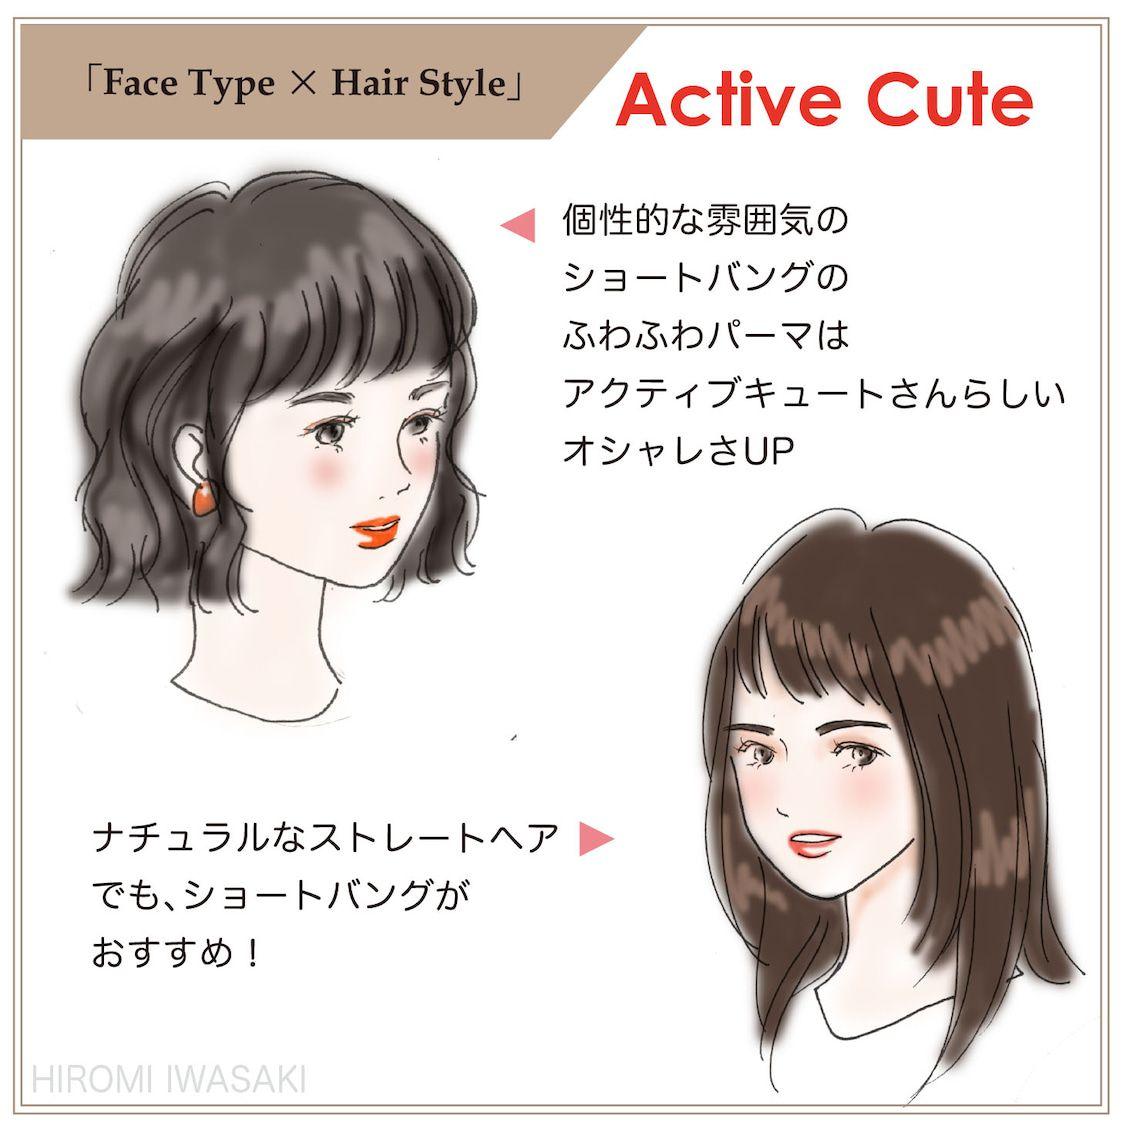 キュート 髪型 アクティブ